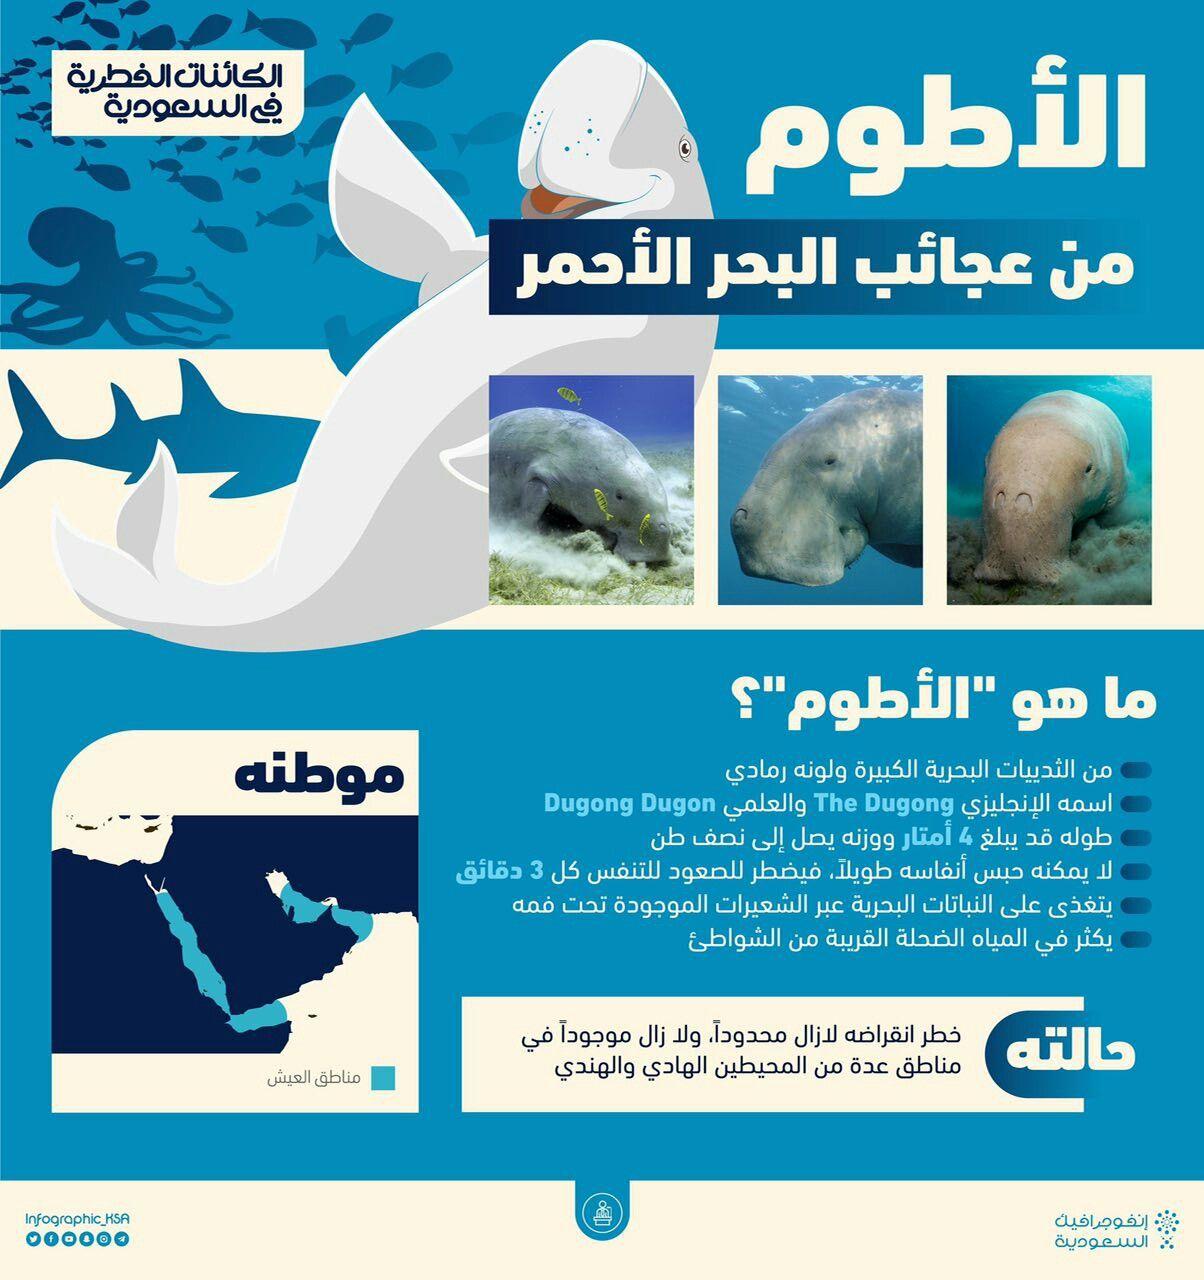 الأطوم كائن بحري ضخم يقتات على النباتات البحرية قد لا تصدق أنه موجود في البحر الأحمر قرب السعودية ويعد جزءا من حياتنا الفطري Dugong Joy Riyadh